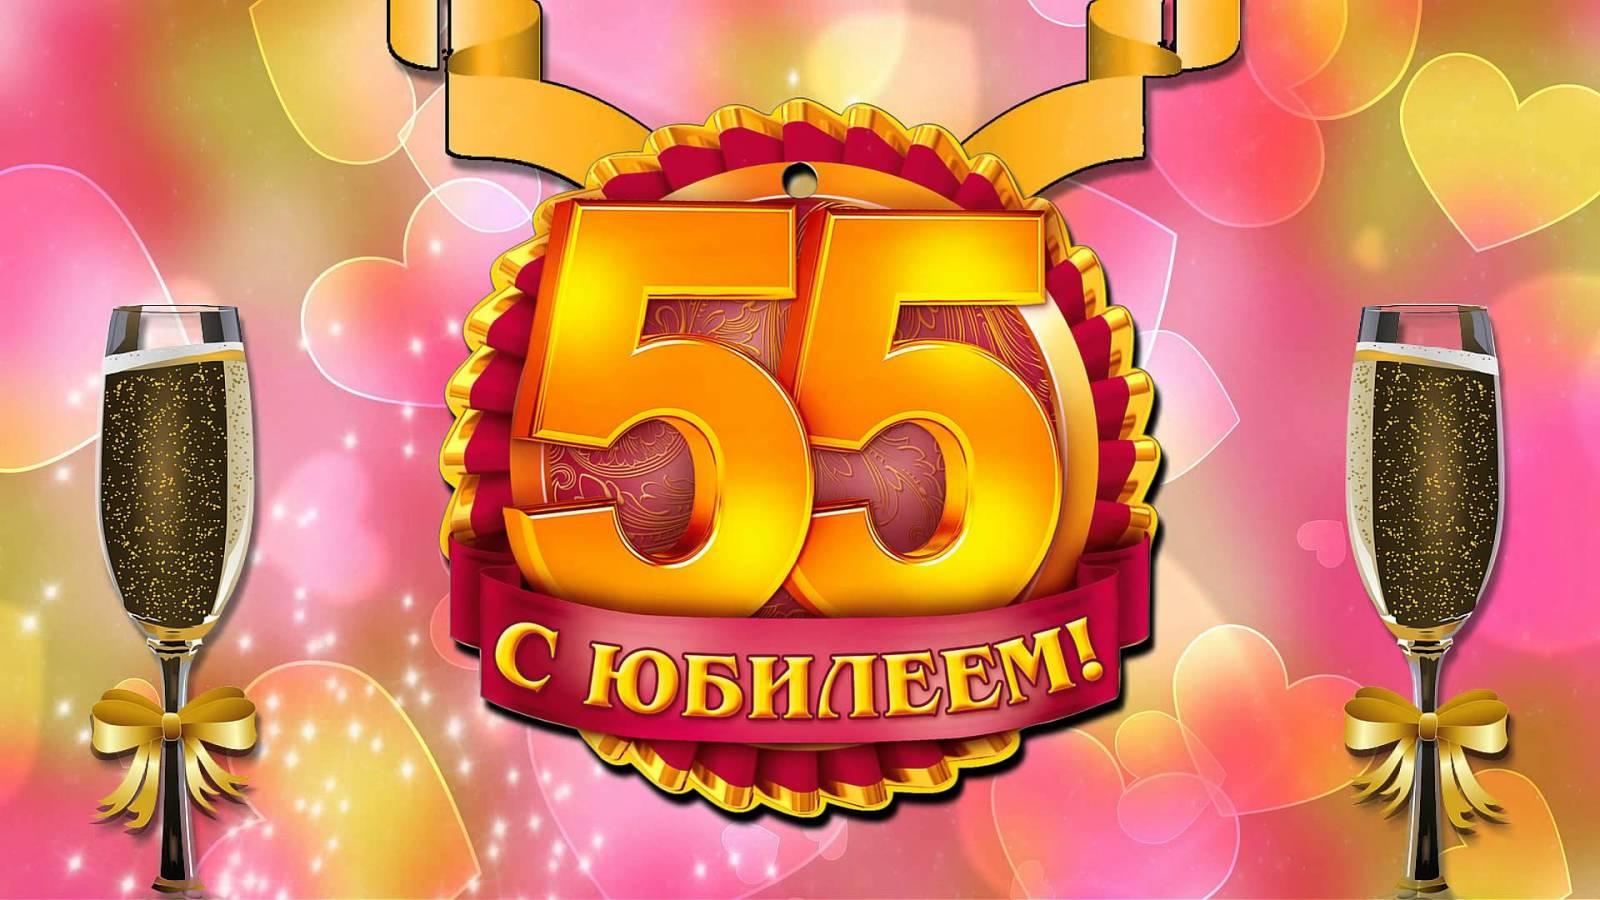 Поздравление с днем рождения любимому мужчине 55 лет